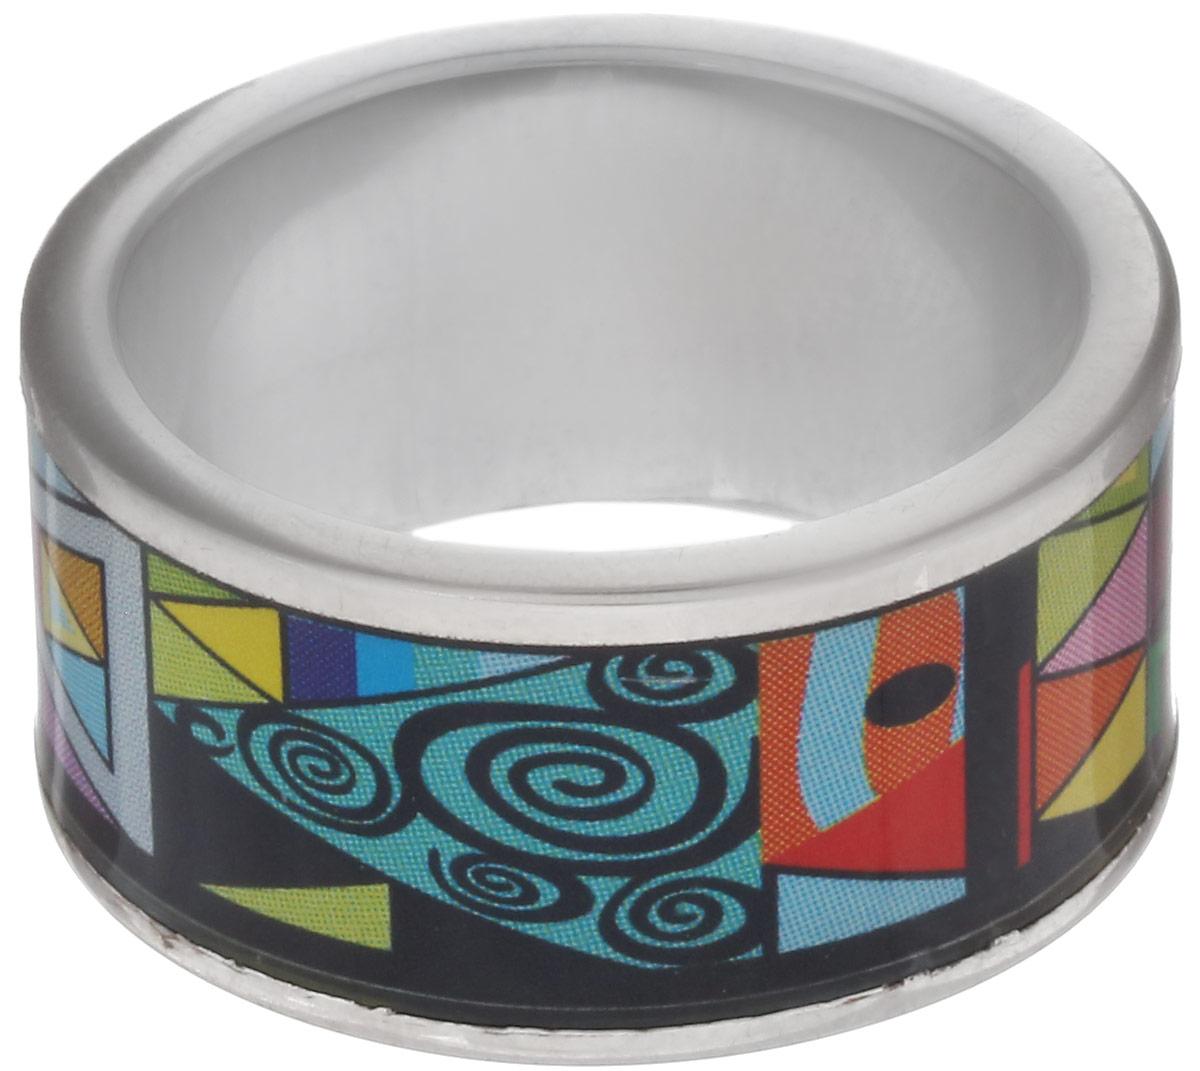 Кольцо Art-Silver, цвет: серебристый, черный, голубой. ФК127-1-320. Размер 18,5ФК127-1-320Стильное кольцо Art-Silver изготовлено из бижутерного сплава. Изделие оформлено оригинальным принтом и покрыто эмалью. Стильное кольцо придаст вашему образу изюминку и подчеркнет индивидуальность.